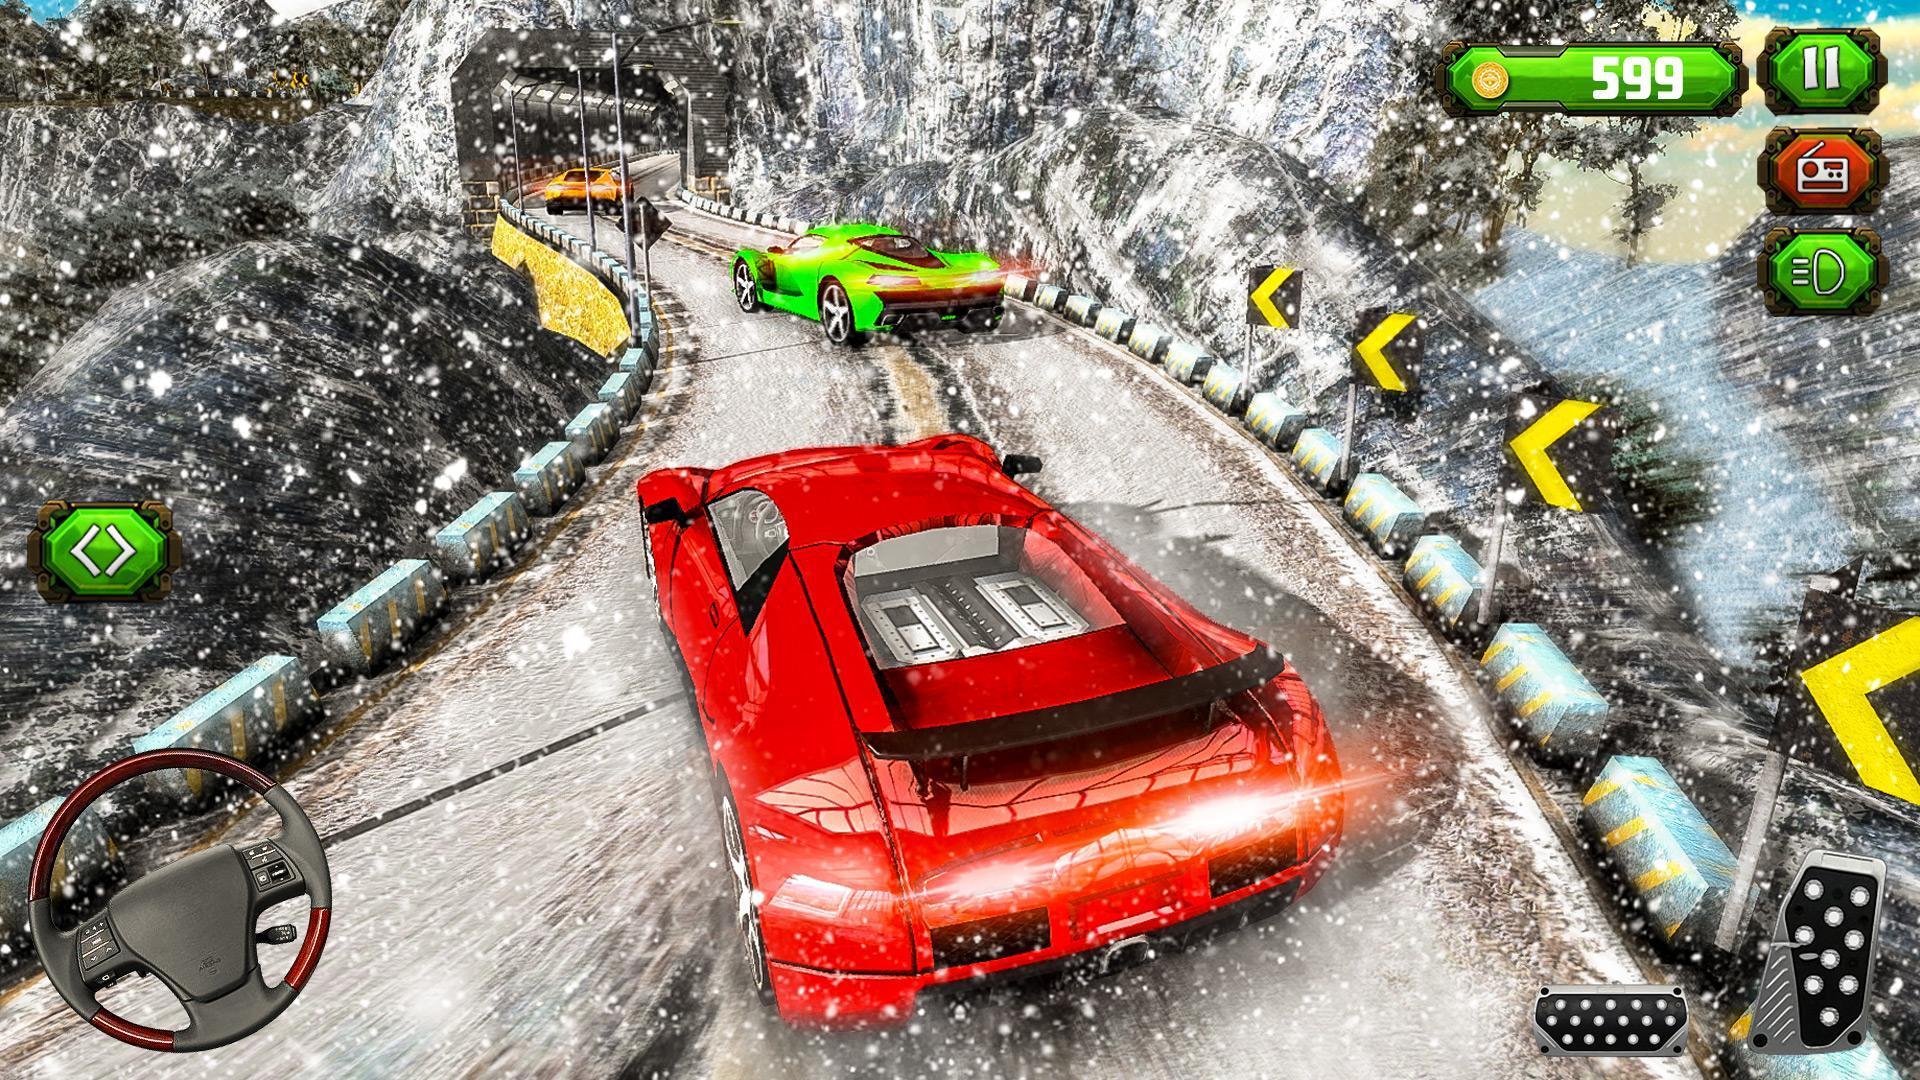 Jeux De Voiture 2020: Jeu De Course Automobile Pour Android tout Les Jeux De Voiture De Course